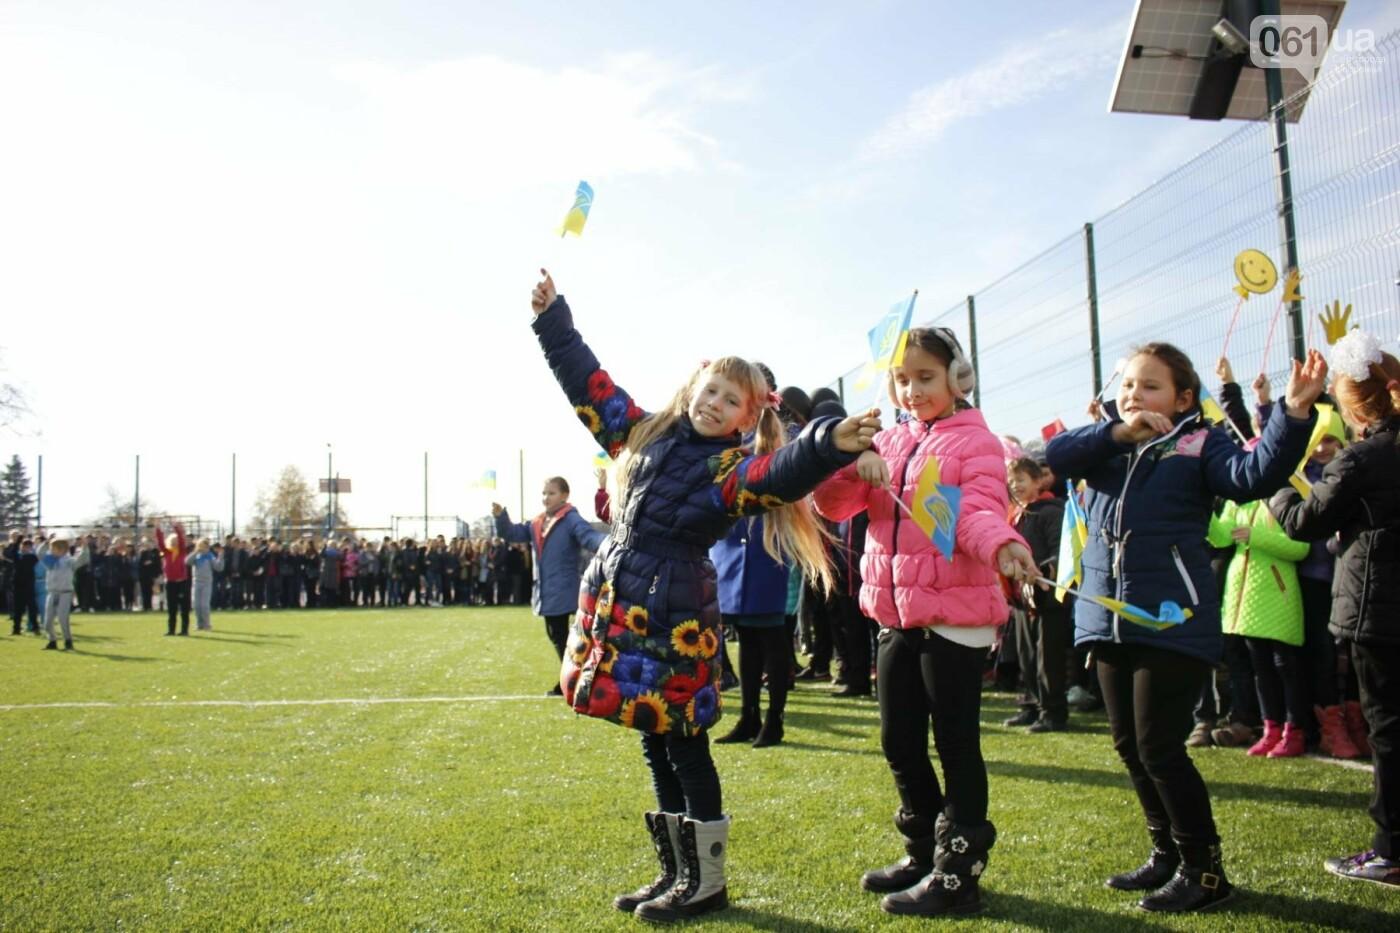 В Бородинском микрорайоне открыли школьный стадион: как это выглядит, - ФОТОРЕПОРТАЖ, фото-9